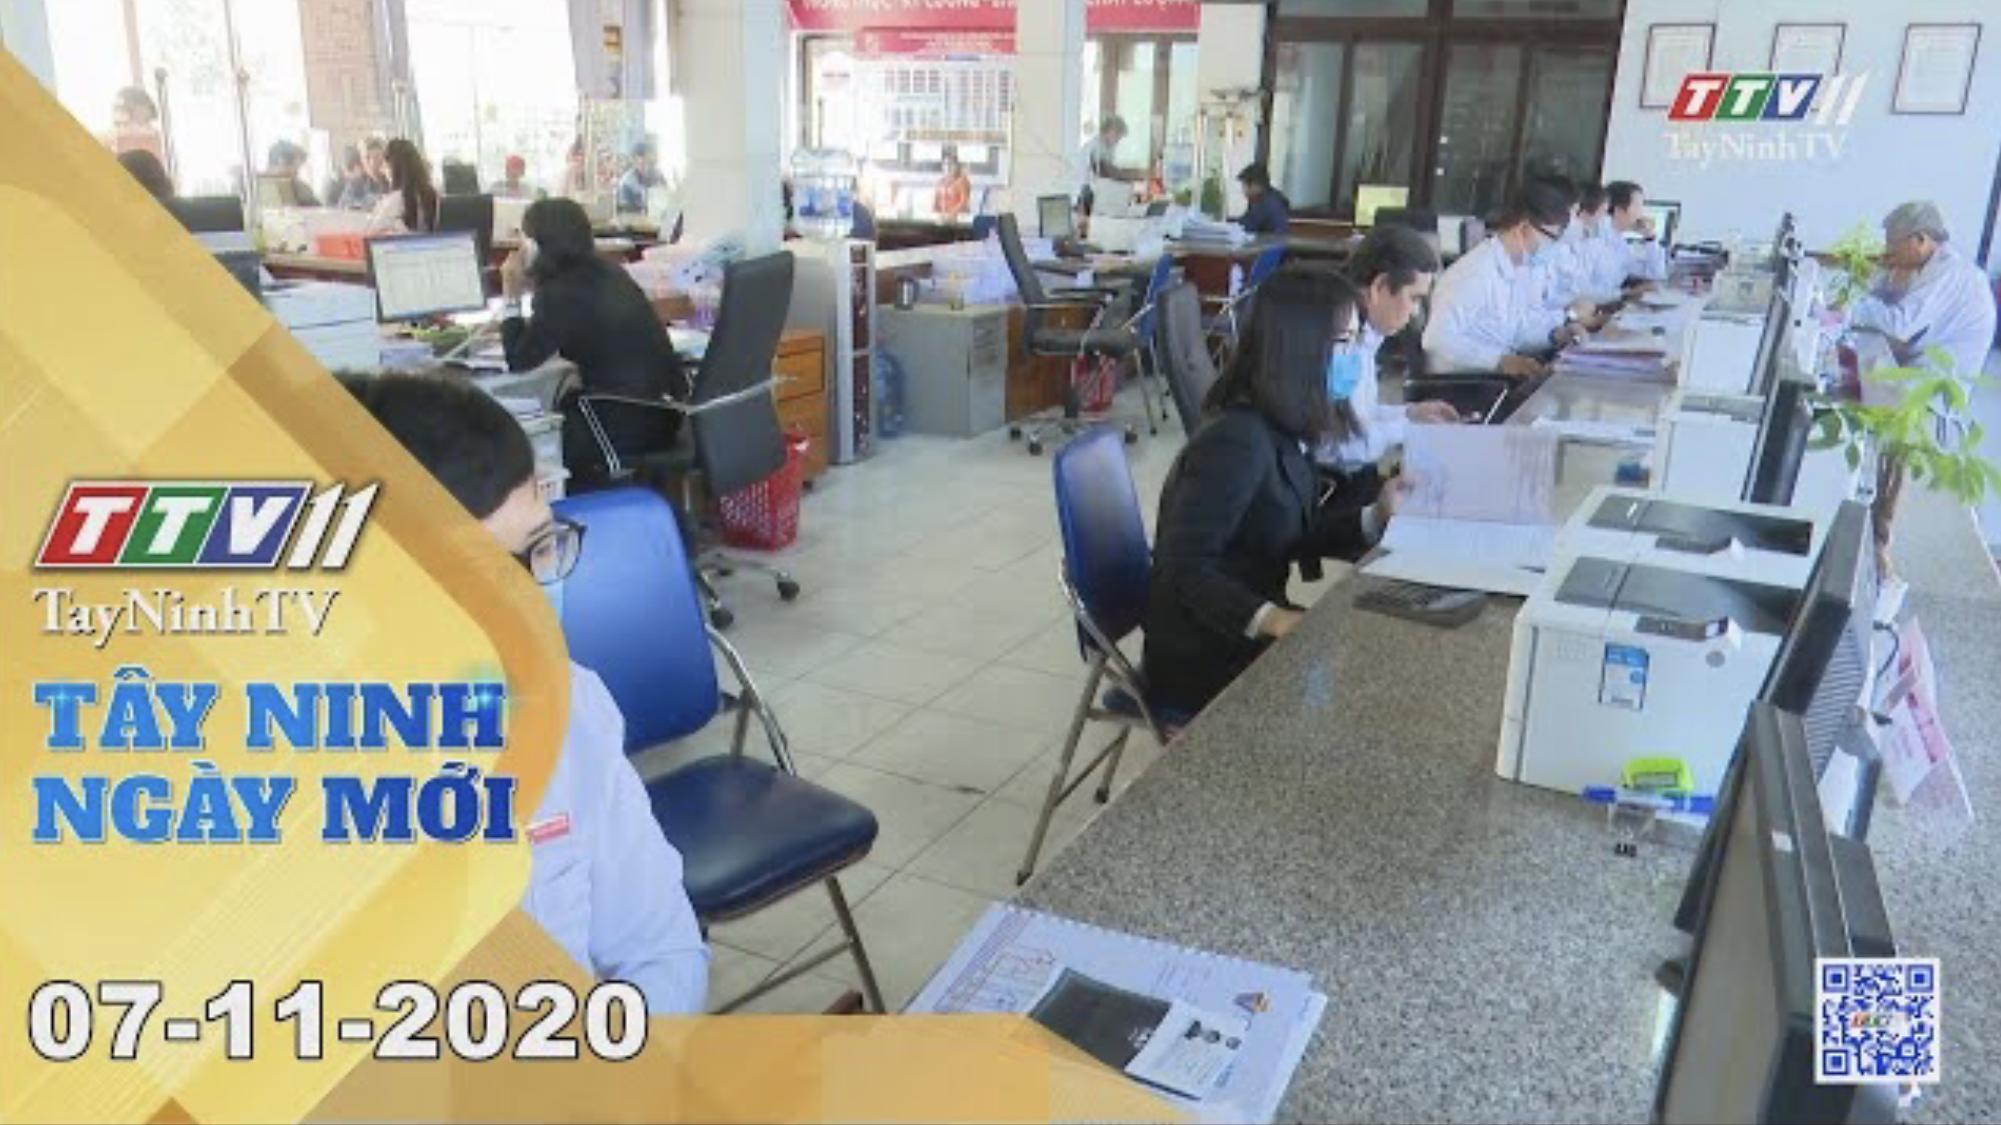 Tây Ninh Ngày Mới 07-11-2020 | Tin tức hôm nay | TayNinhTV